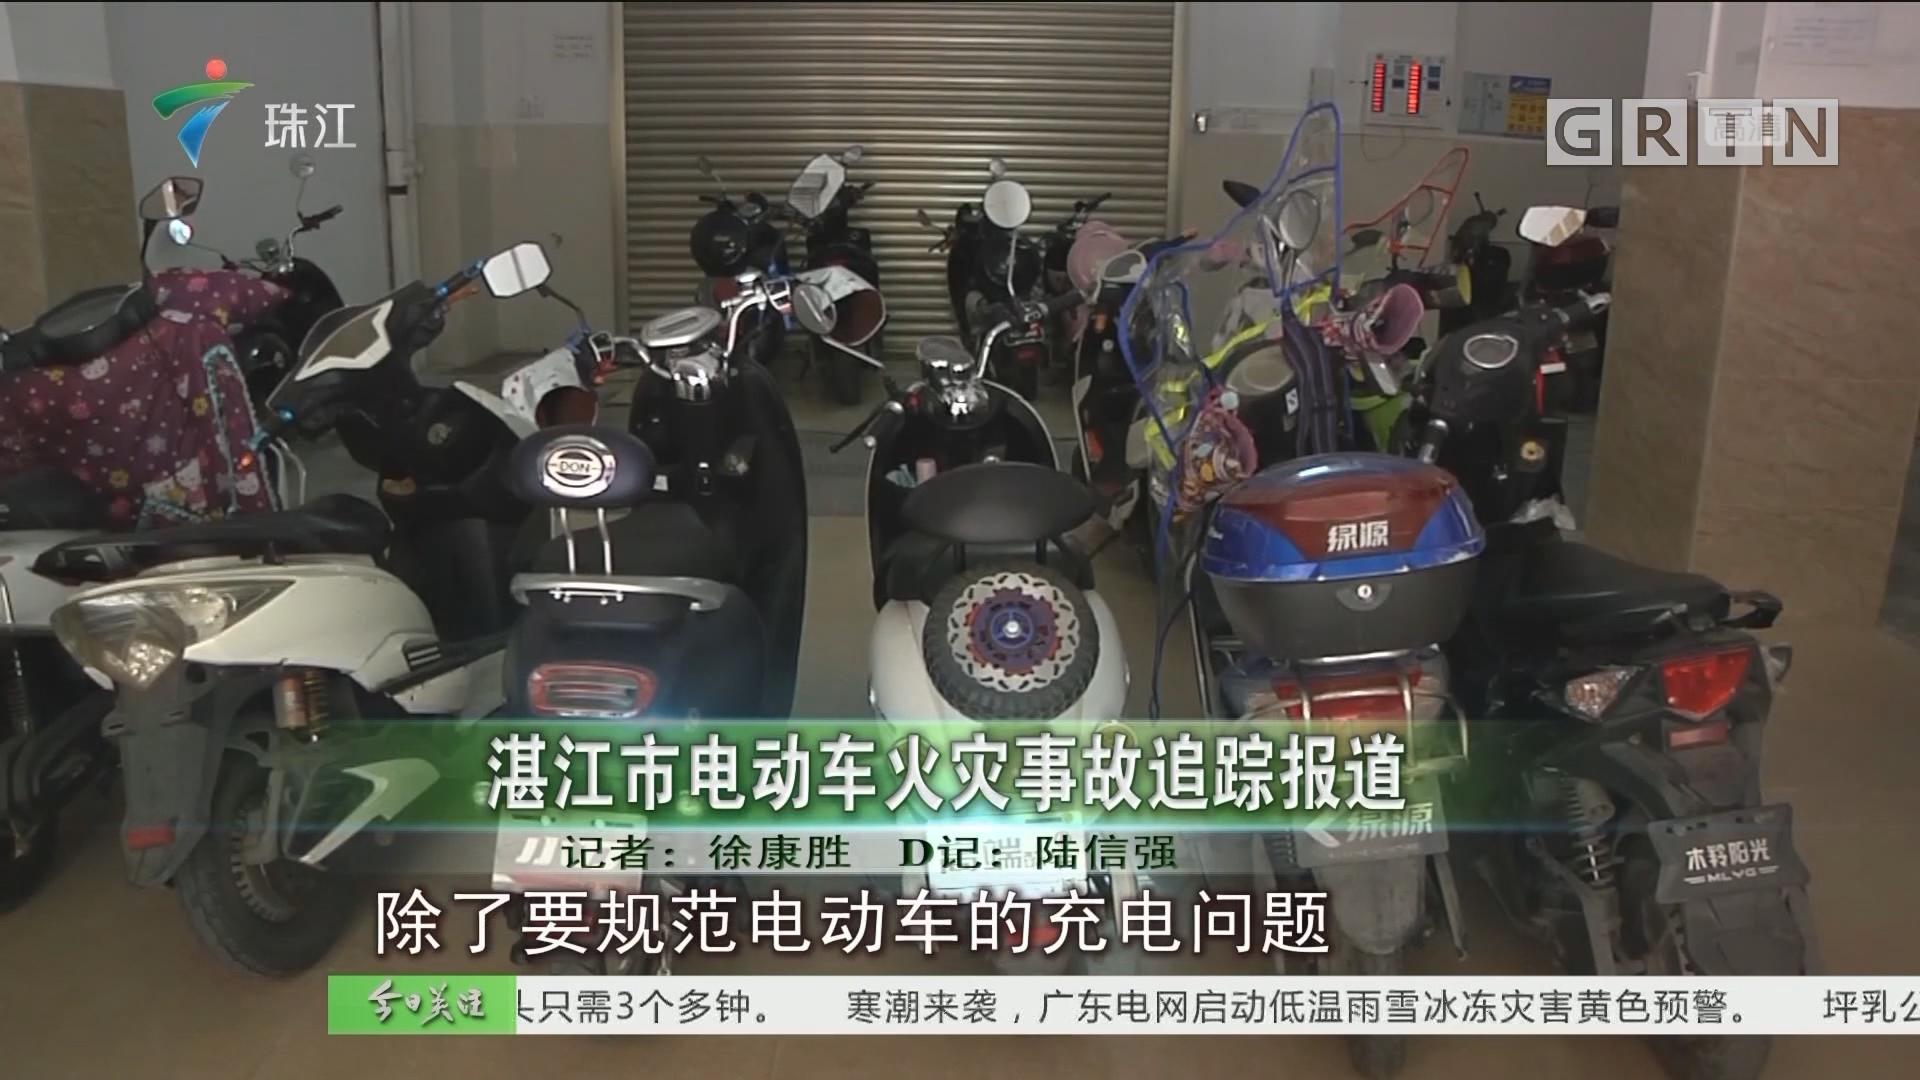 湛江市电动车火灾事故追踪报道